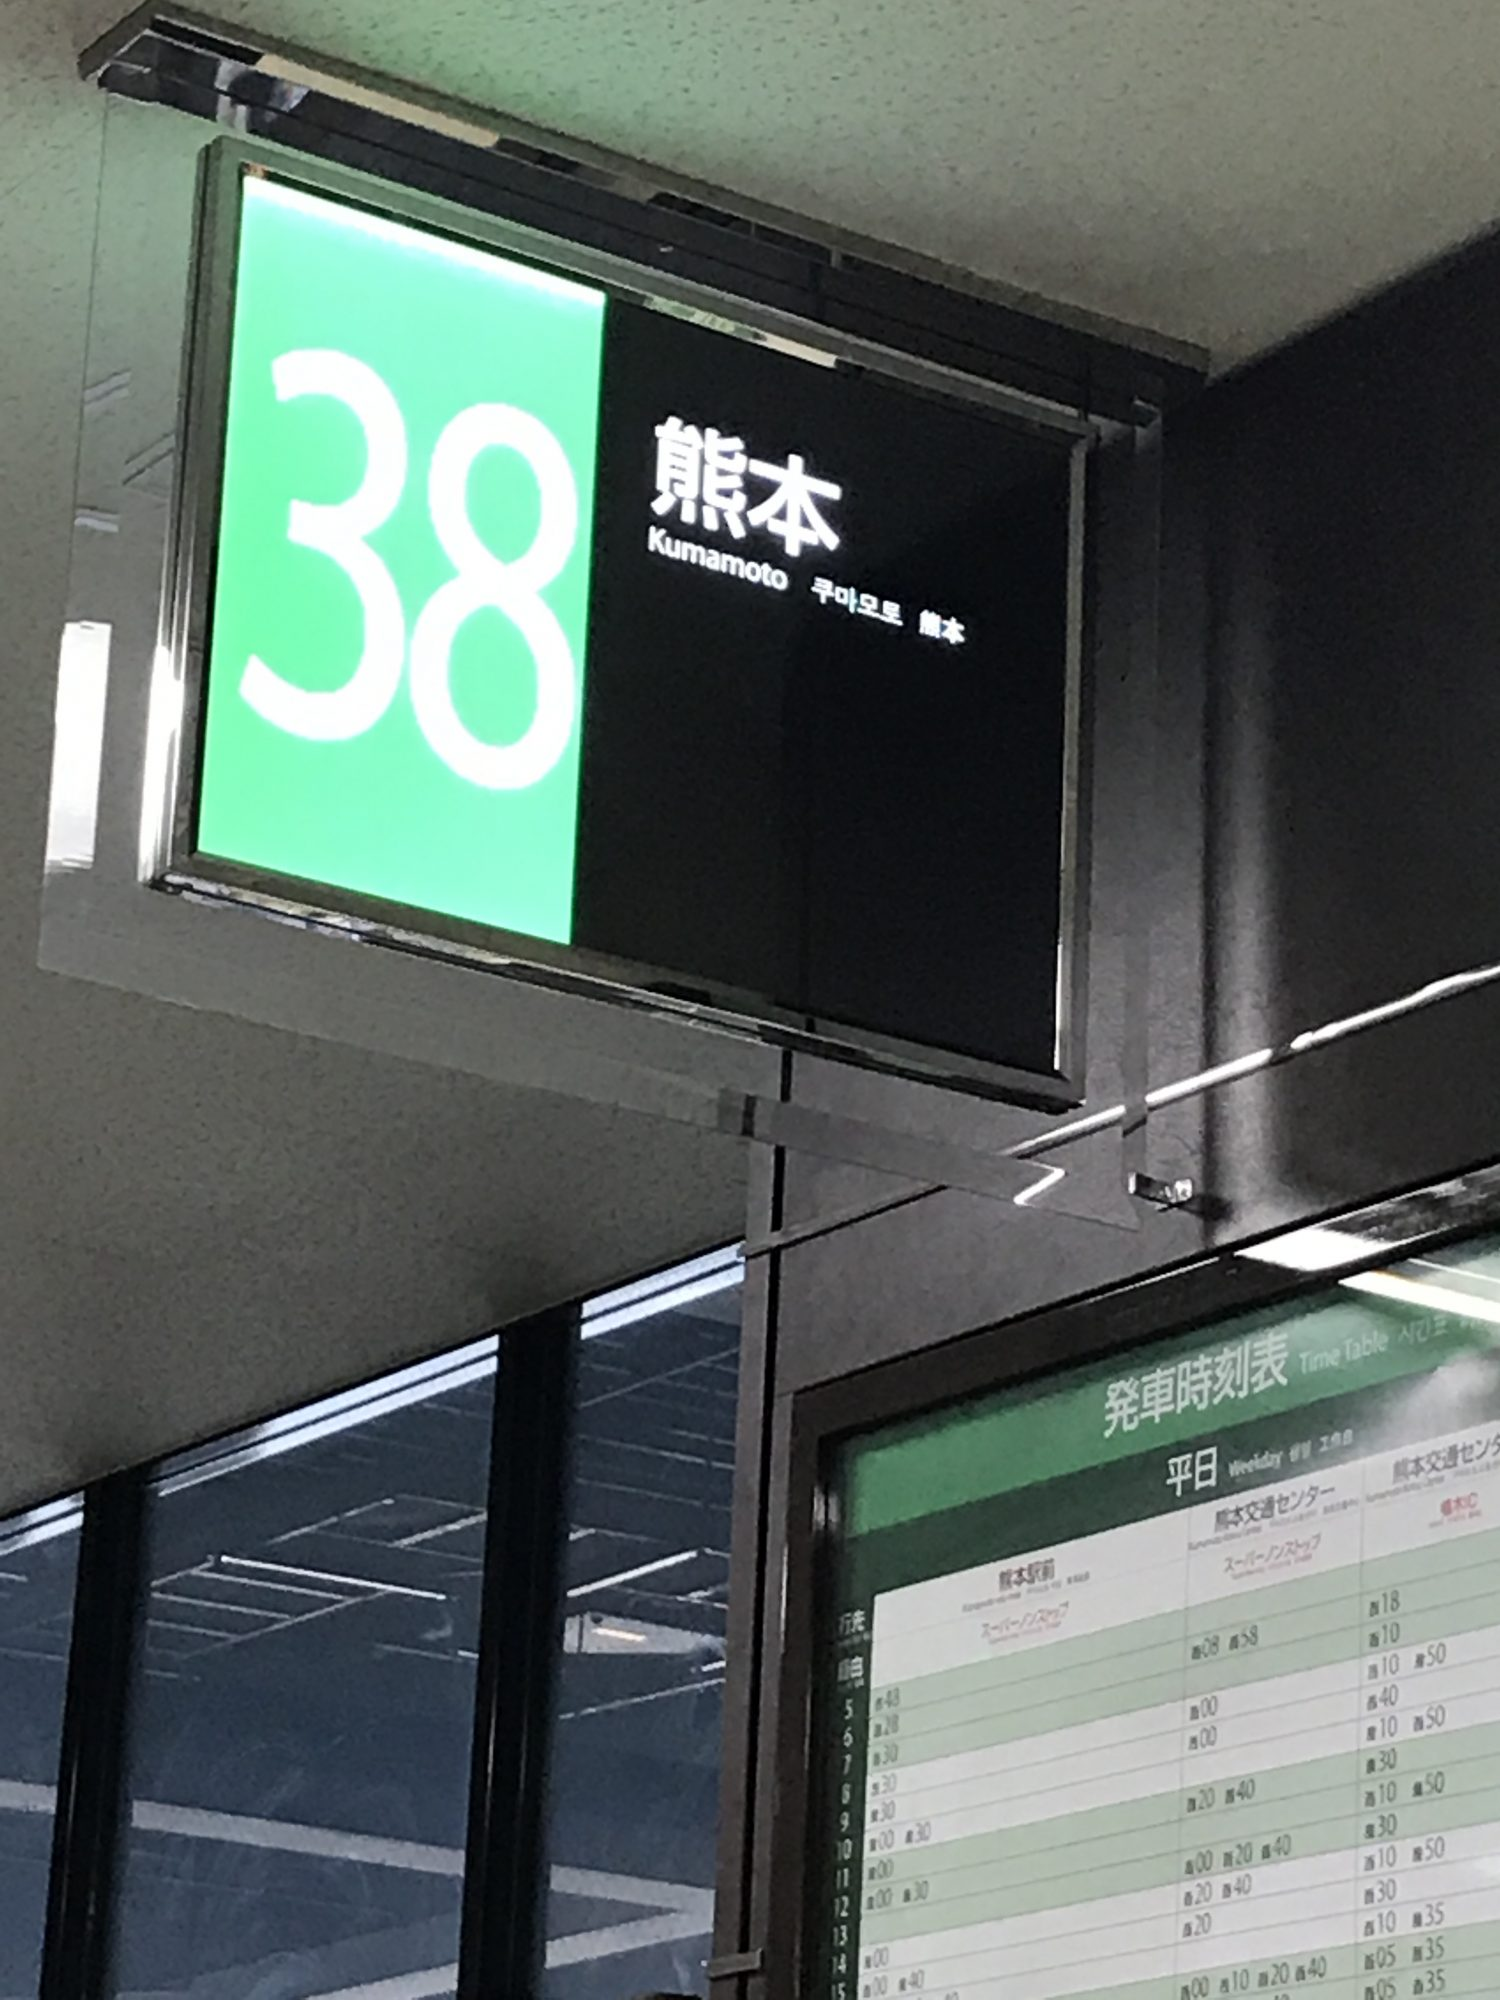 ストレングスファインダー勉強会@熊本